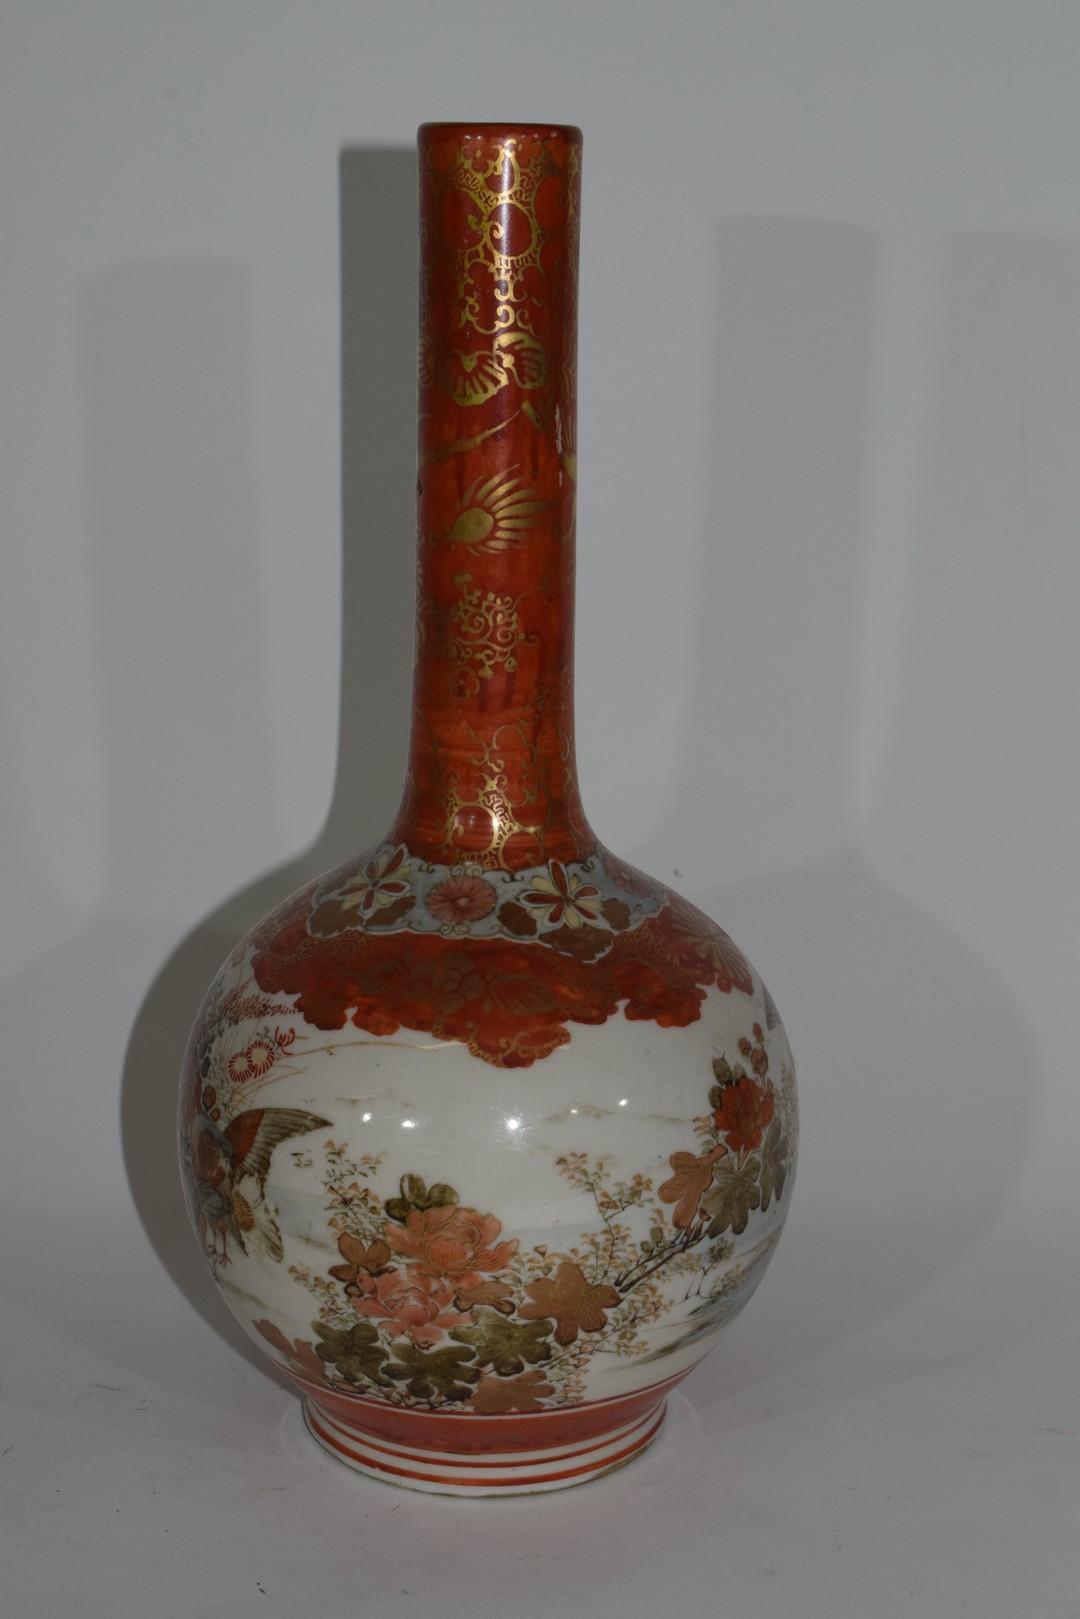 Group of Japanese Kutani style vases - Image 6 of 18